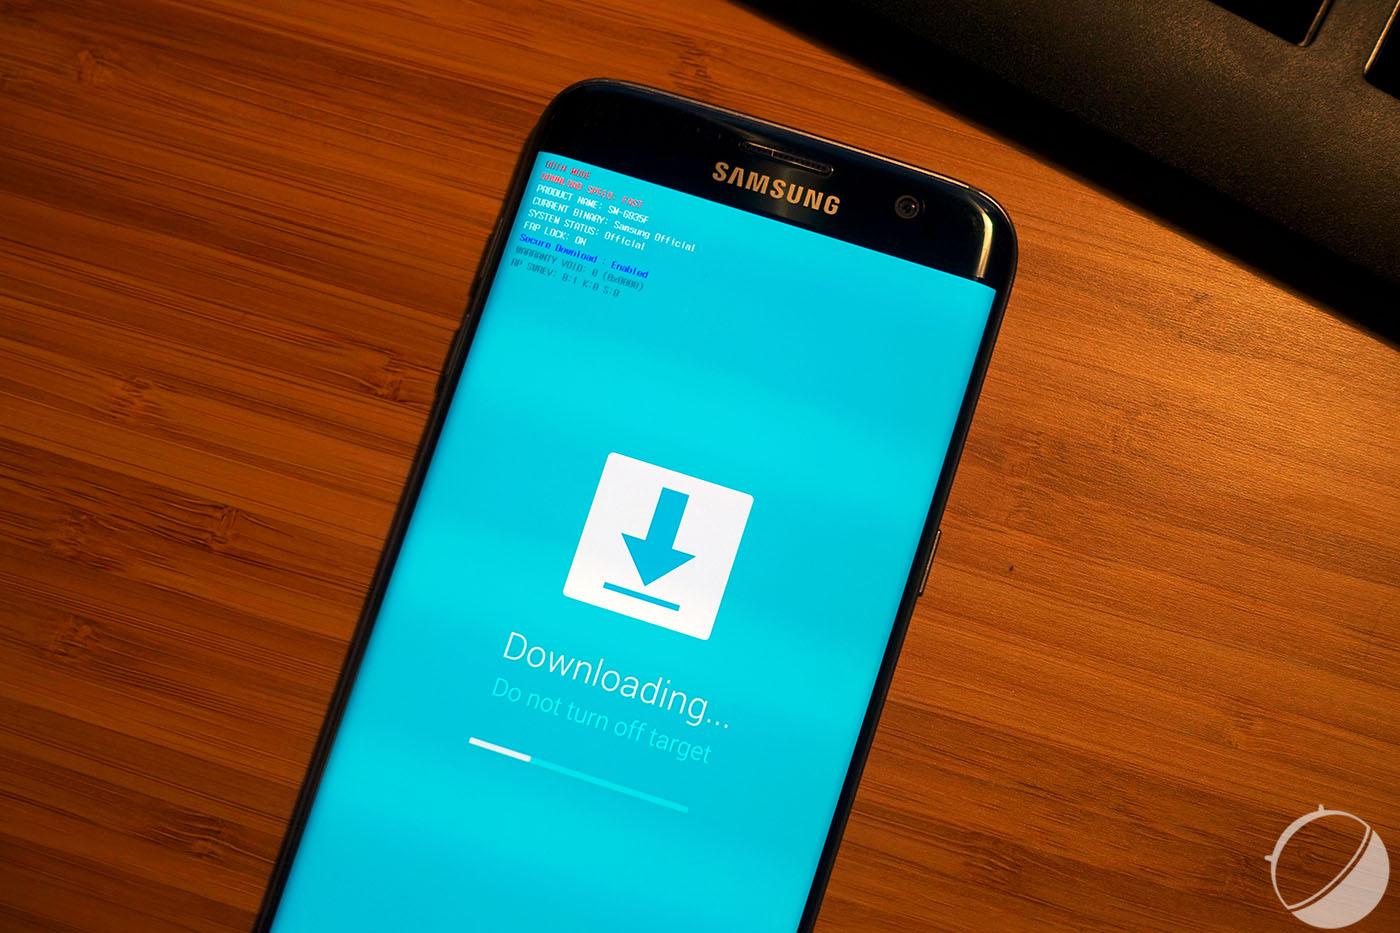 Samsung Galaxy S7 Edge : la beta d'Android 7.0 Nougat se met encore à jour